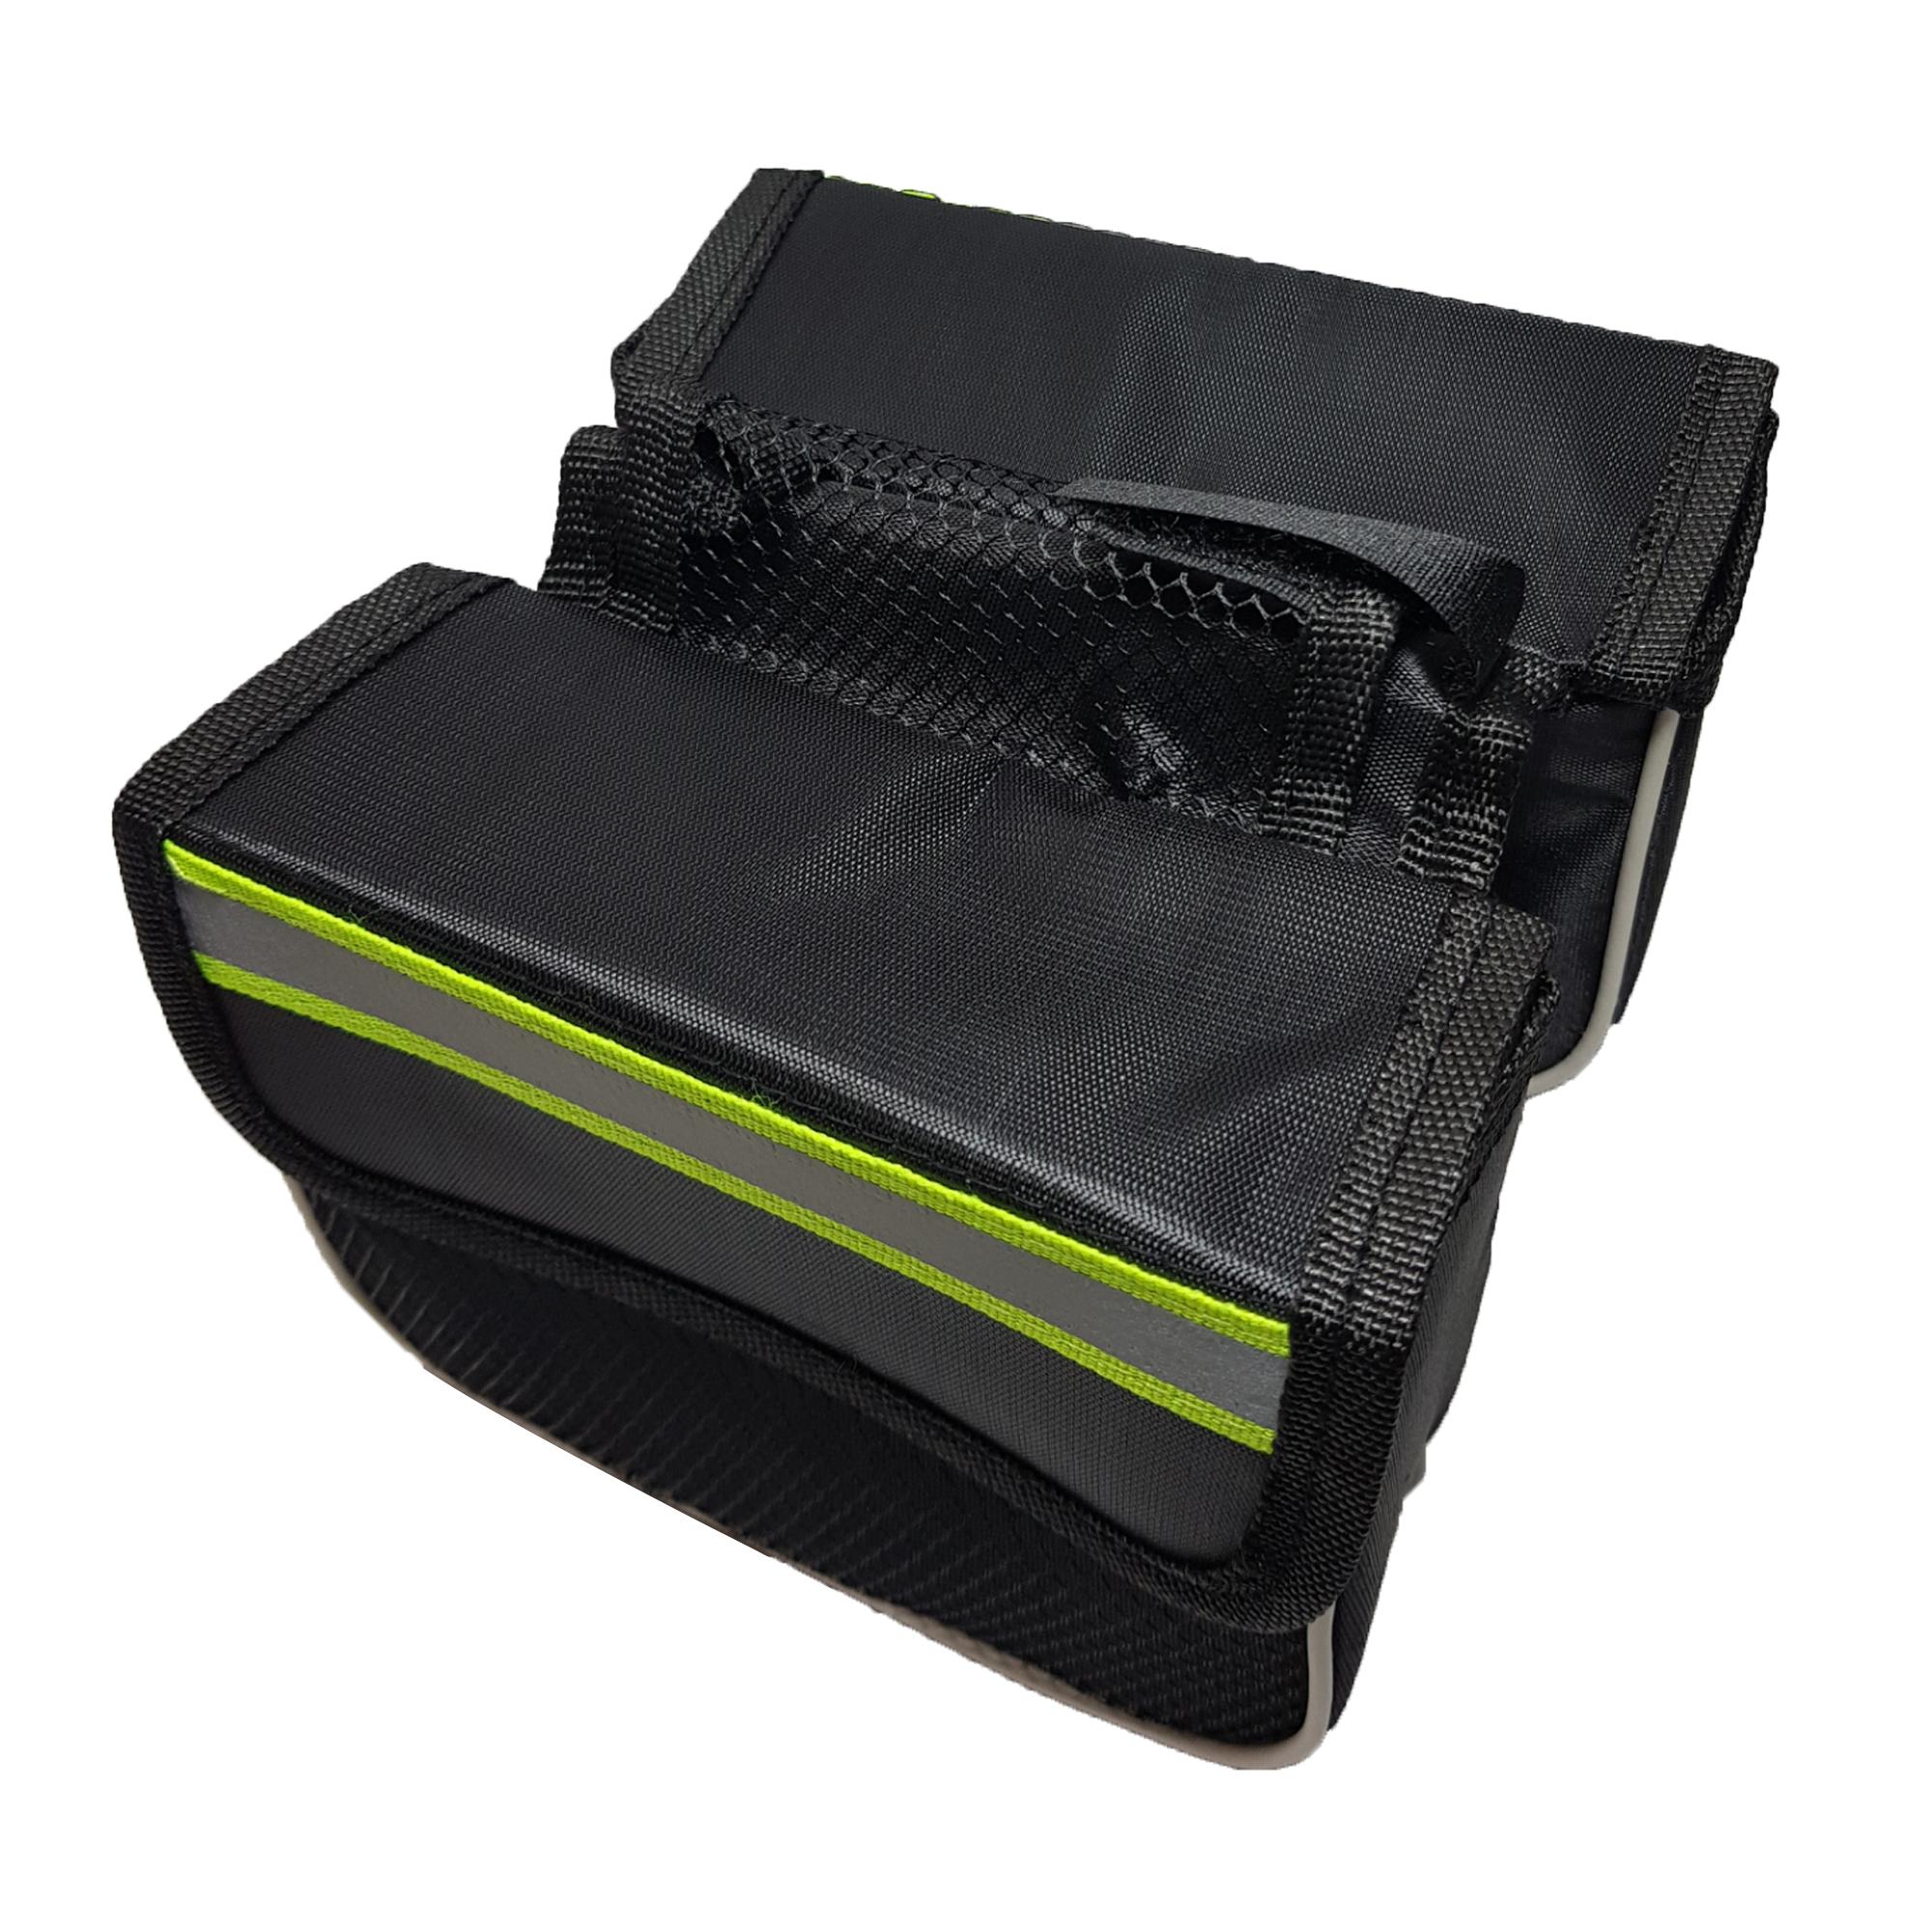 کیف تنه دوچرخه مدل G5000